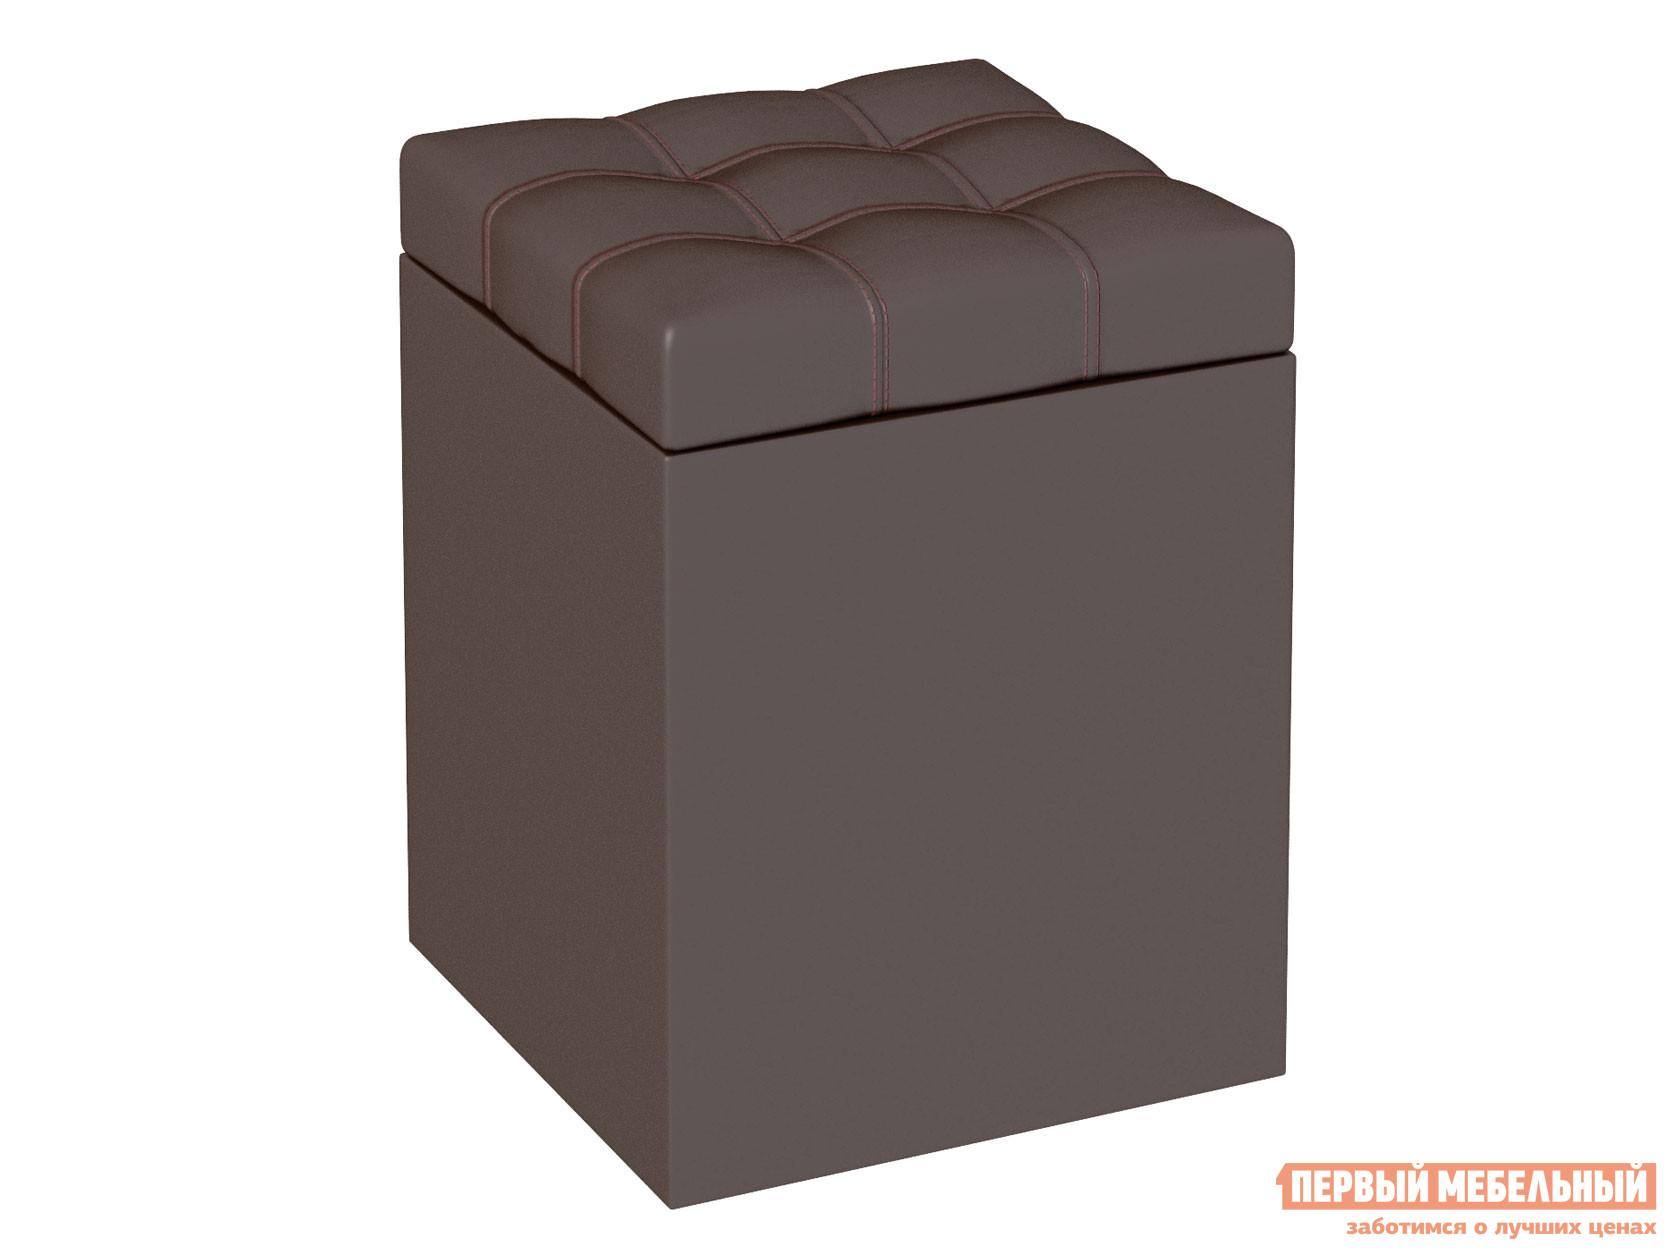 Пуфик  Пуфик Квадро Шоколадный, кожзам — Пуфик Квадро Шоколадный, кожзам